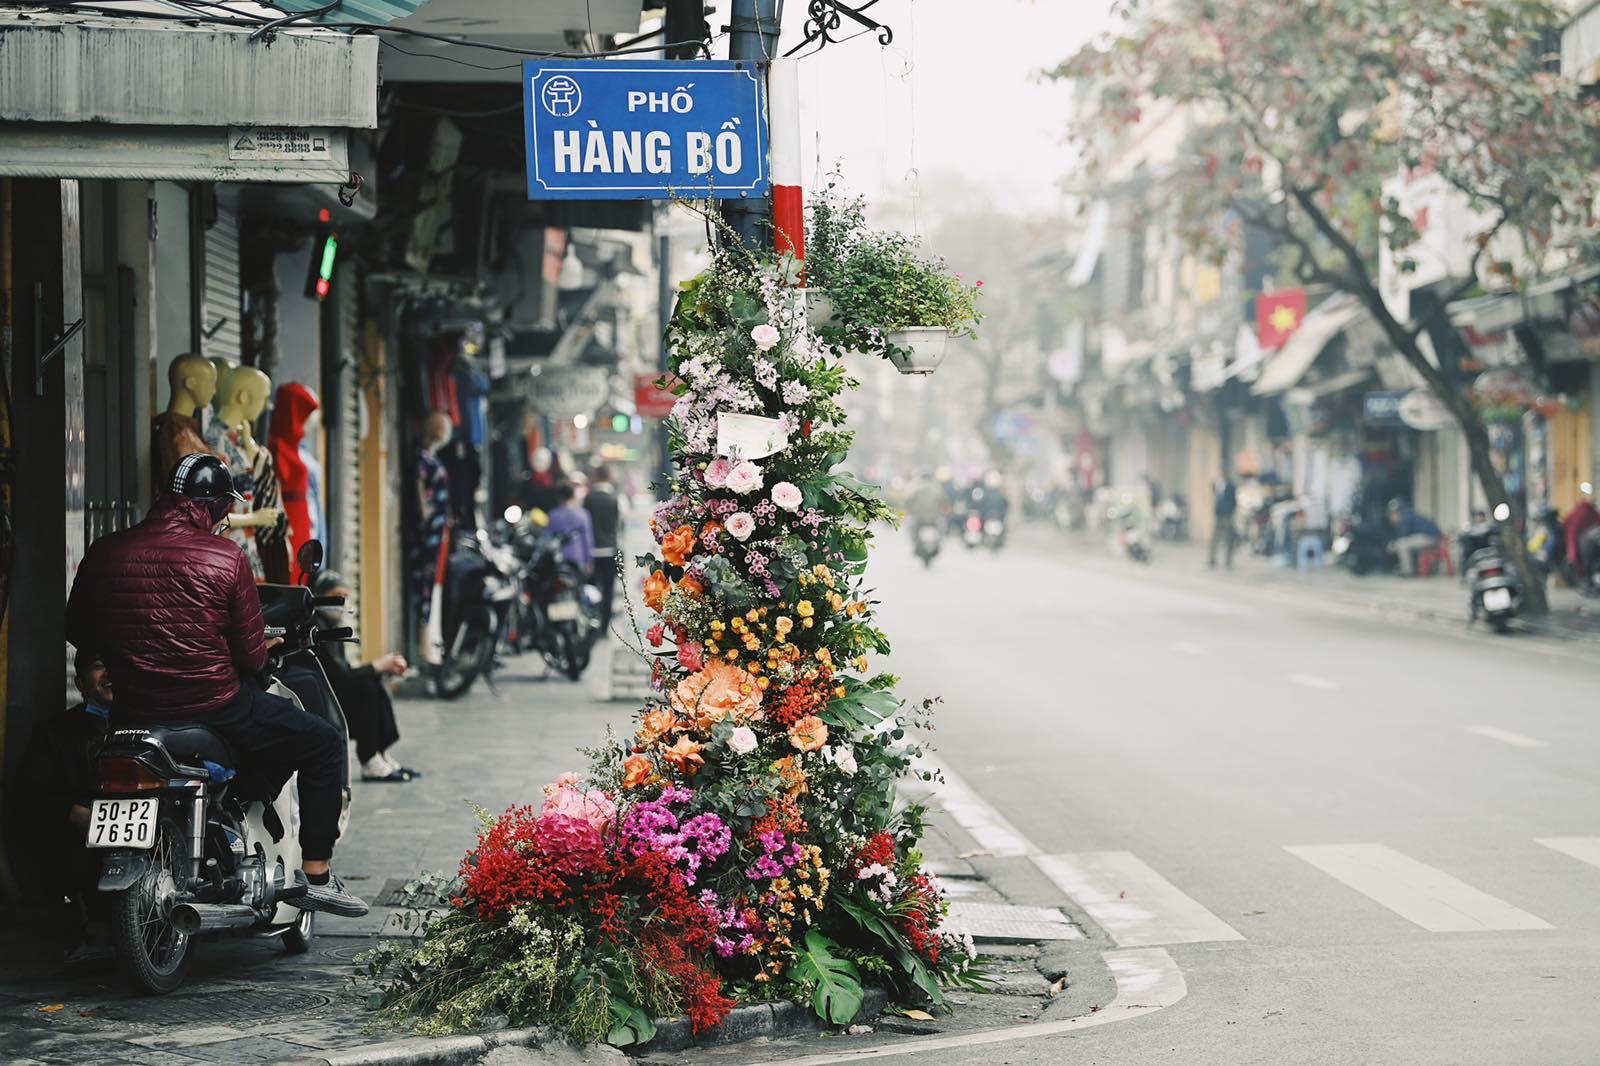 Spotlight ngày 8/3: Hàng loạt cột đèn ở Hà Nội 'nở hoa' khiến dân tình xỉu dọc, xỉu ngang 1